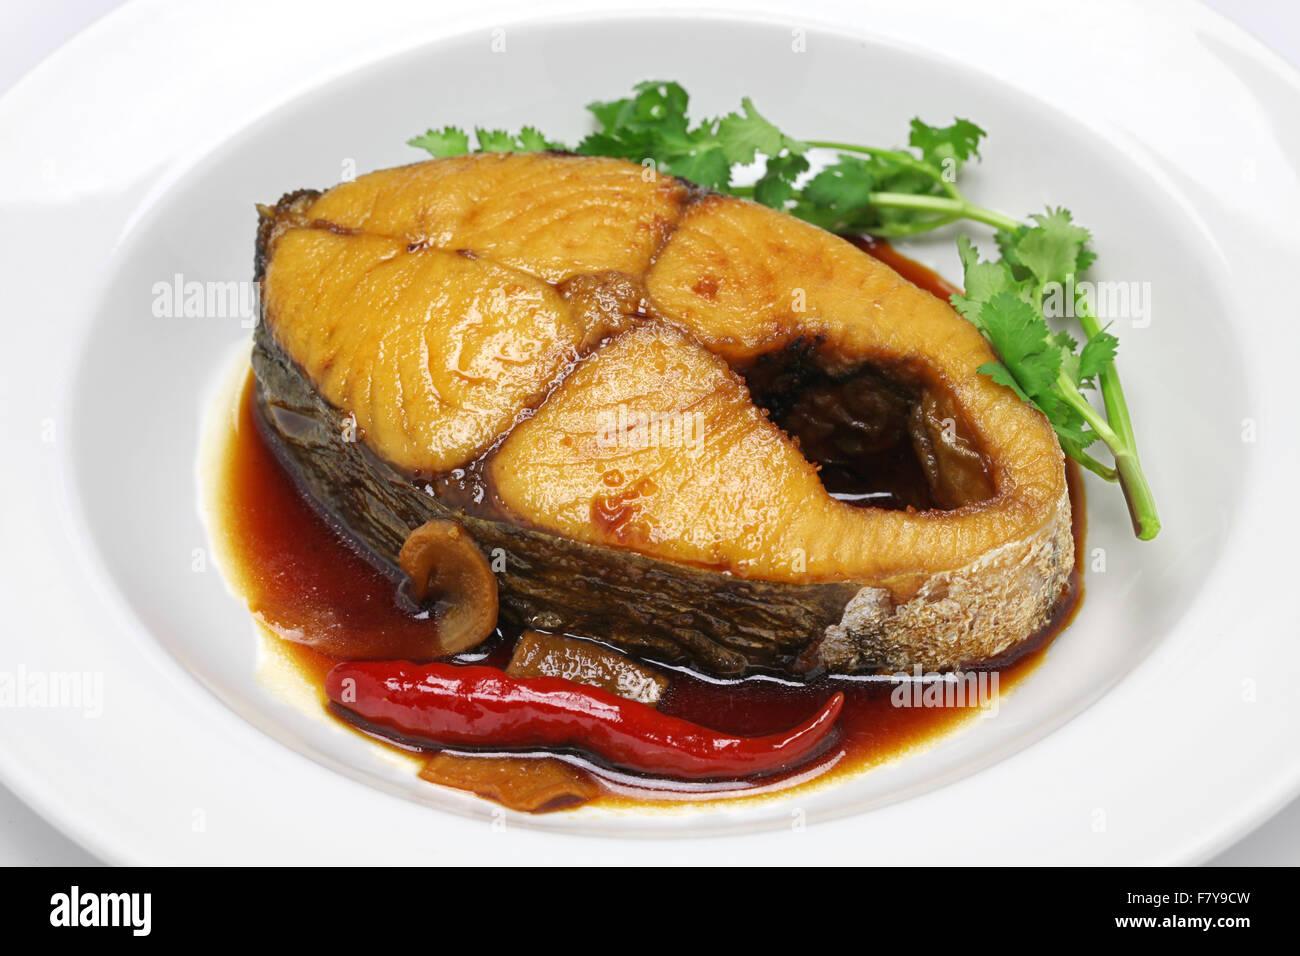 Ca tue kho, le thazard mijoté en sauce caramélisée, la cuisine vietnamienne Photo Stock